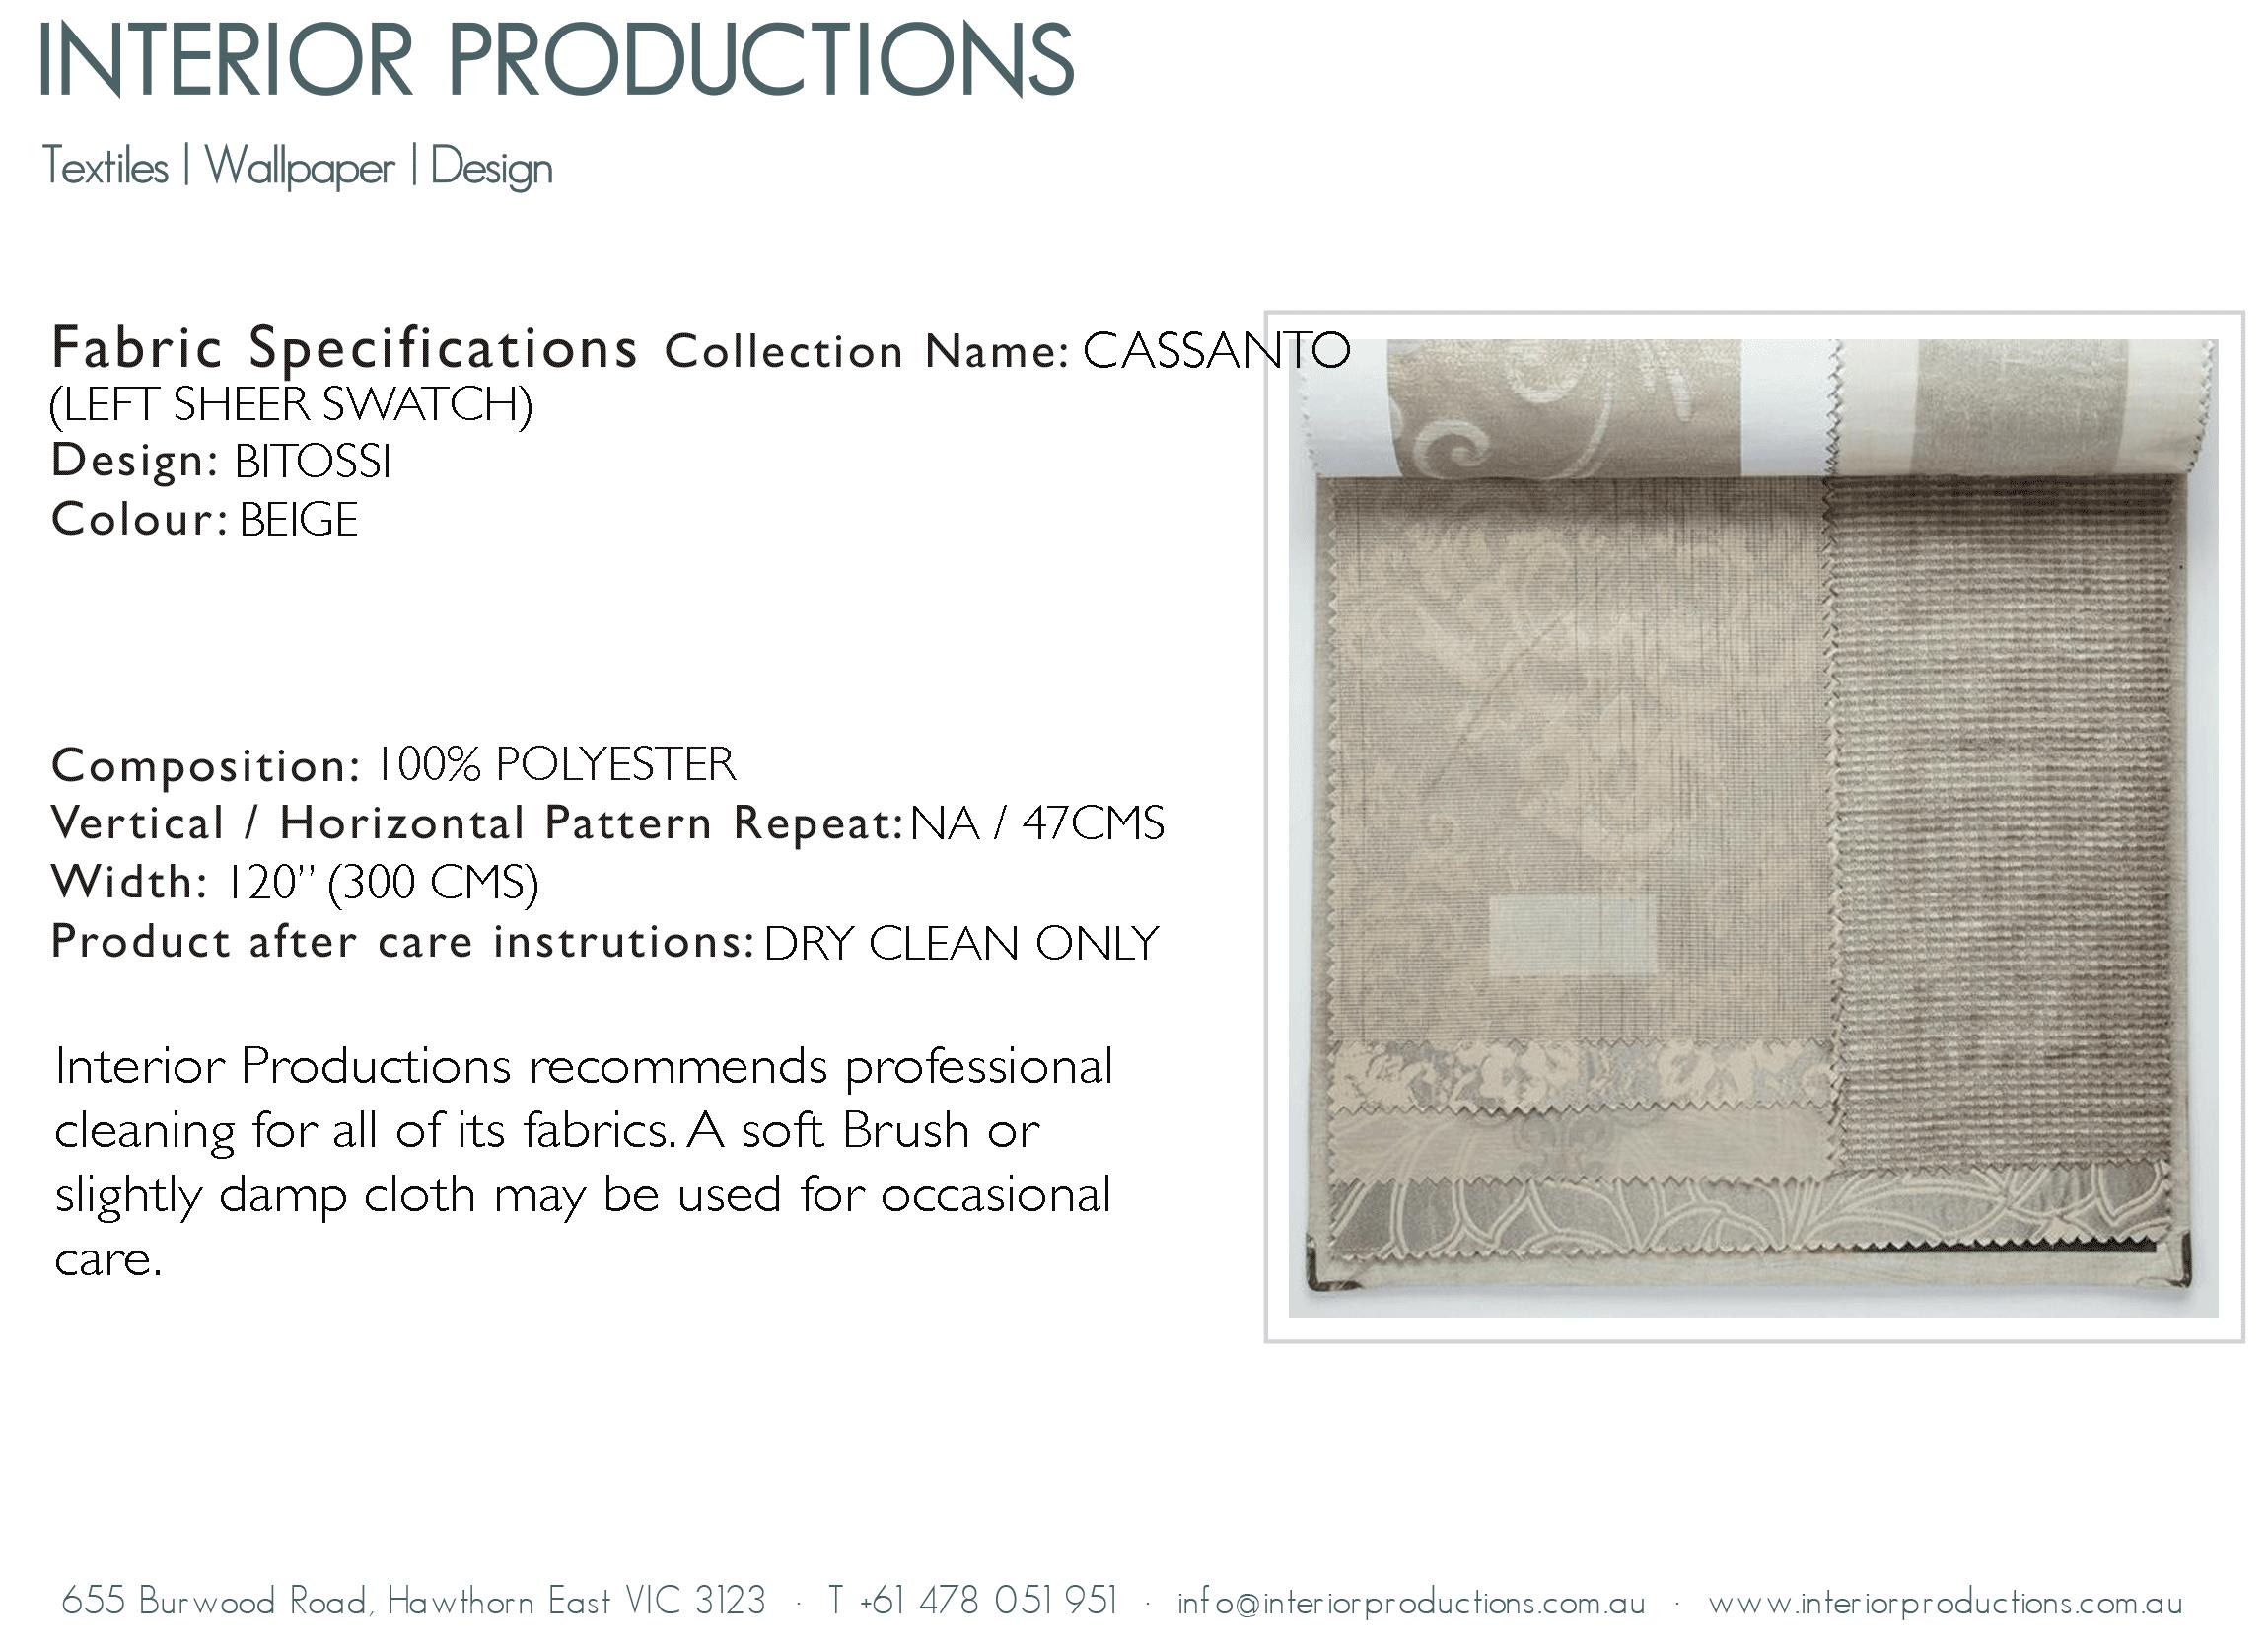 interior_productions_BITOSSI---BEIGE